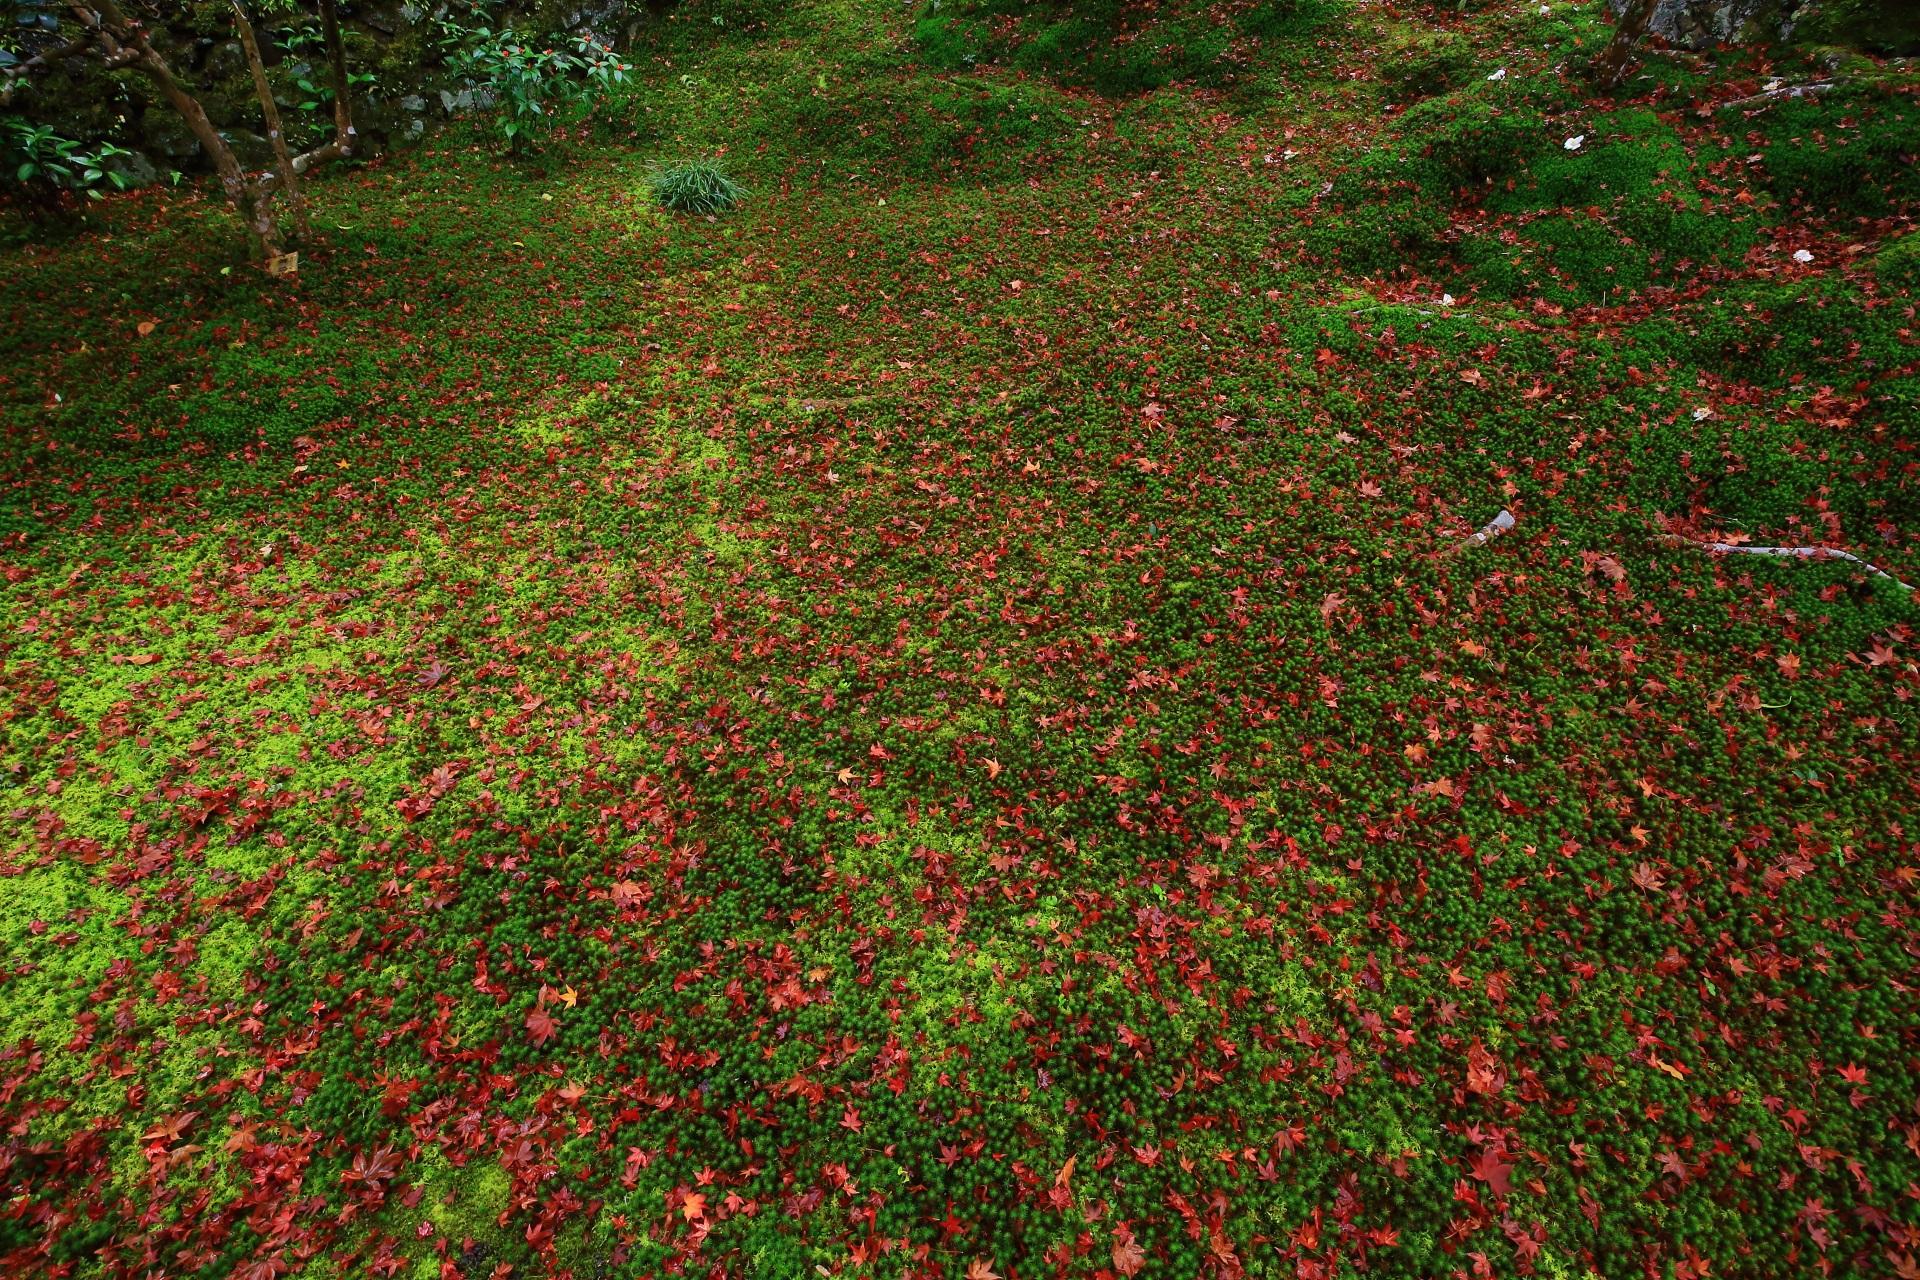 見事な苔を上品に彩る散り紅葉